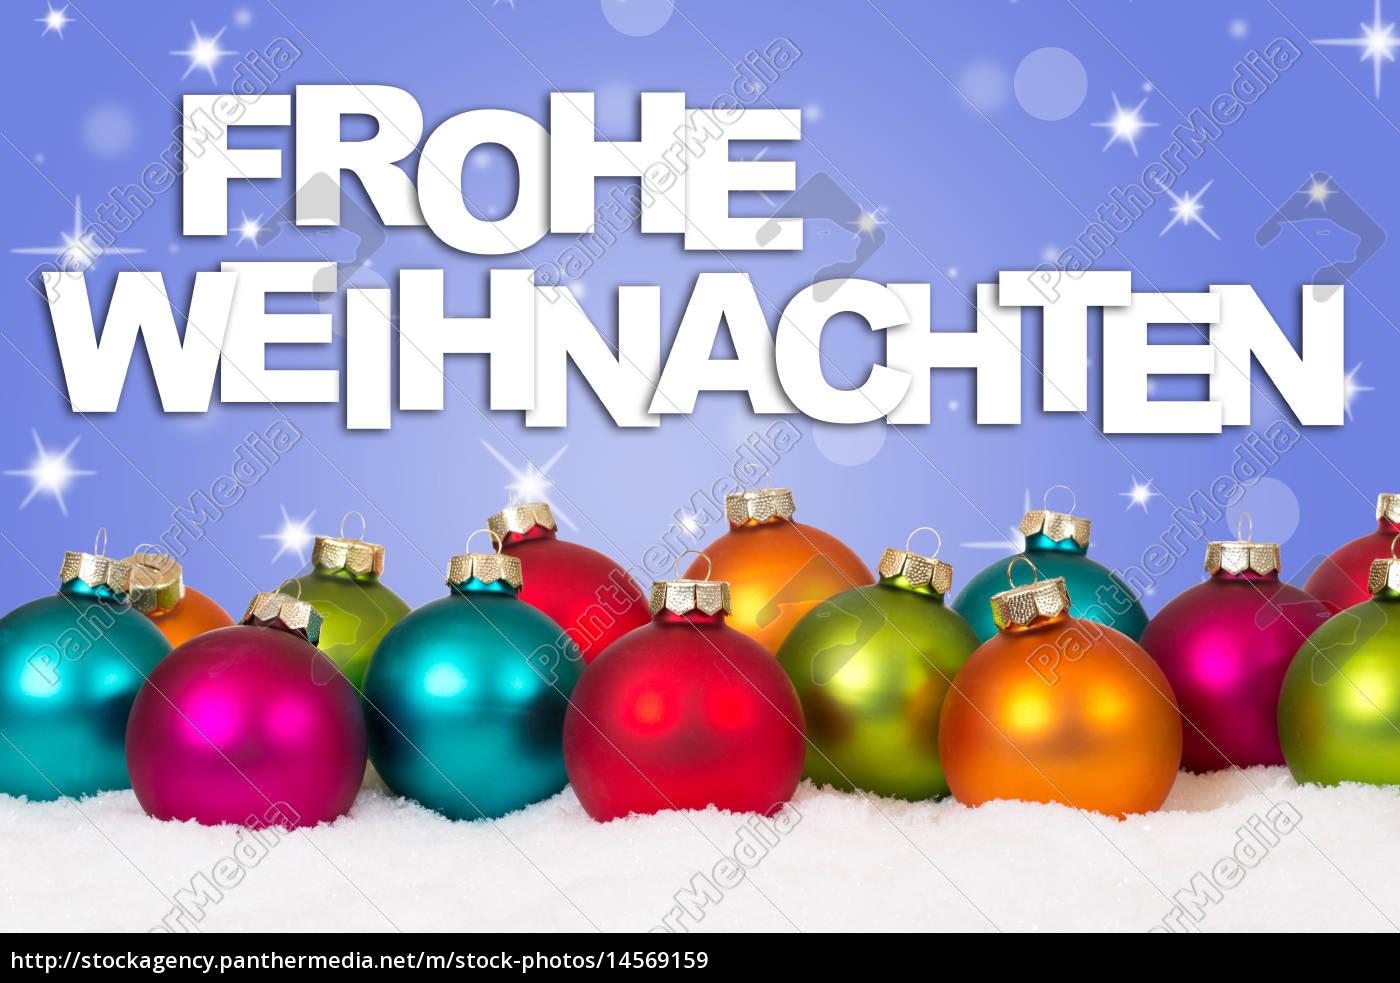 Frohe Weihnachten Hindi.Lizenzfreies Bild 14569159 Frohe Weihnachten Weihnachtskarte Viele Bunte Weihnachtskugeln